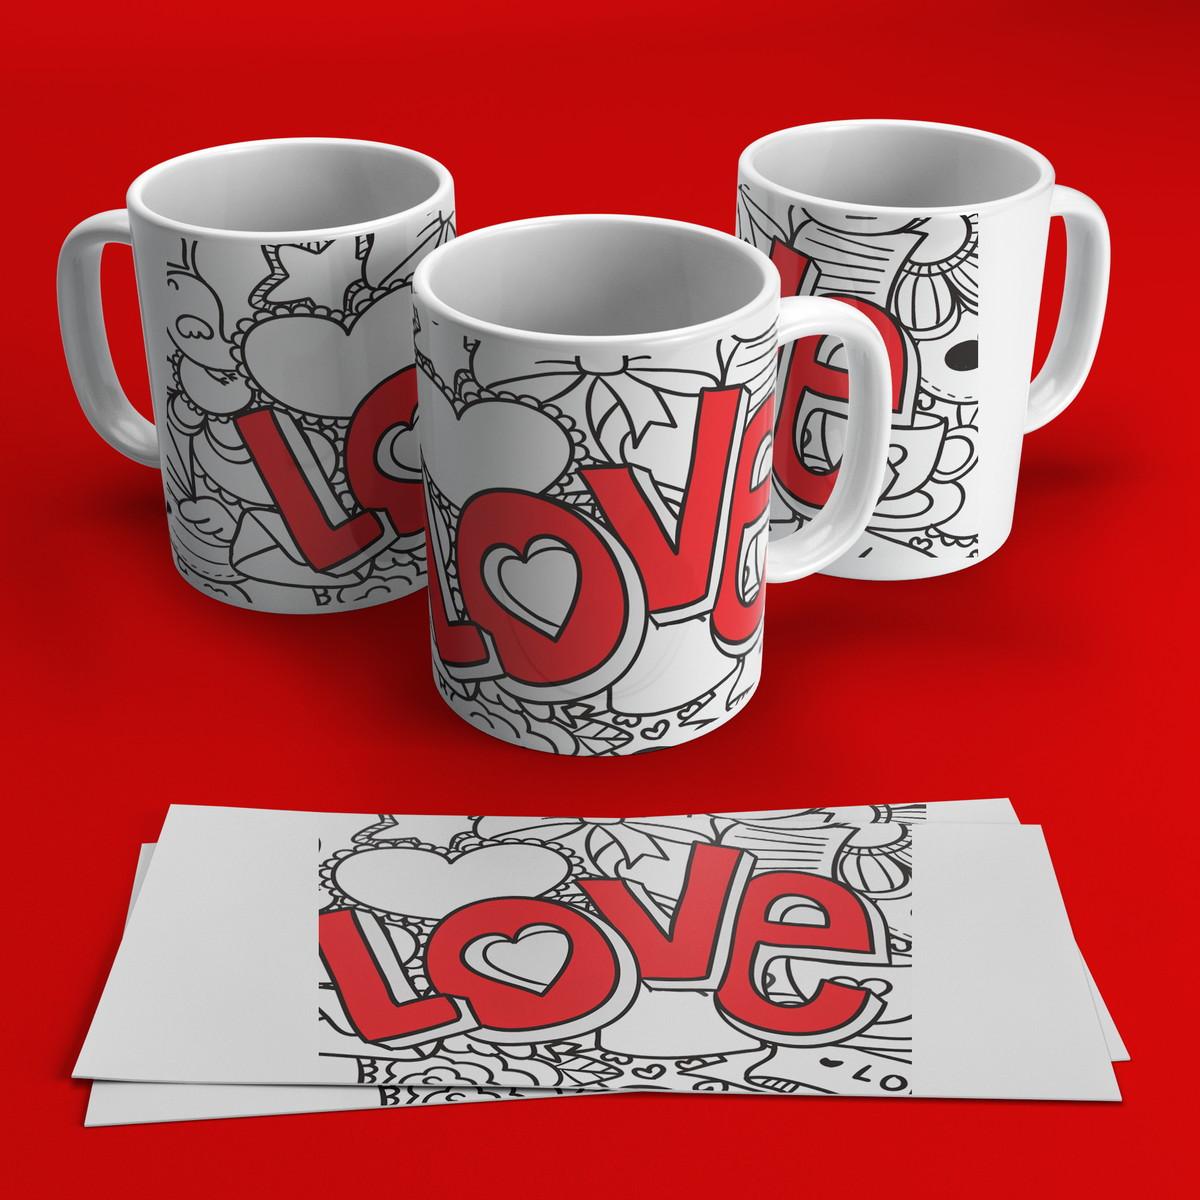 e6a53ffbf Caneca de Porcelana Dia dos Namorados no Elo7